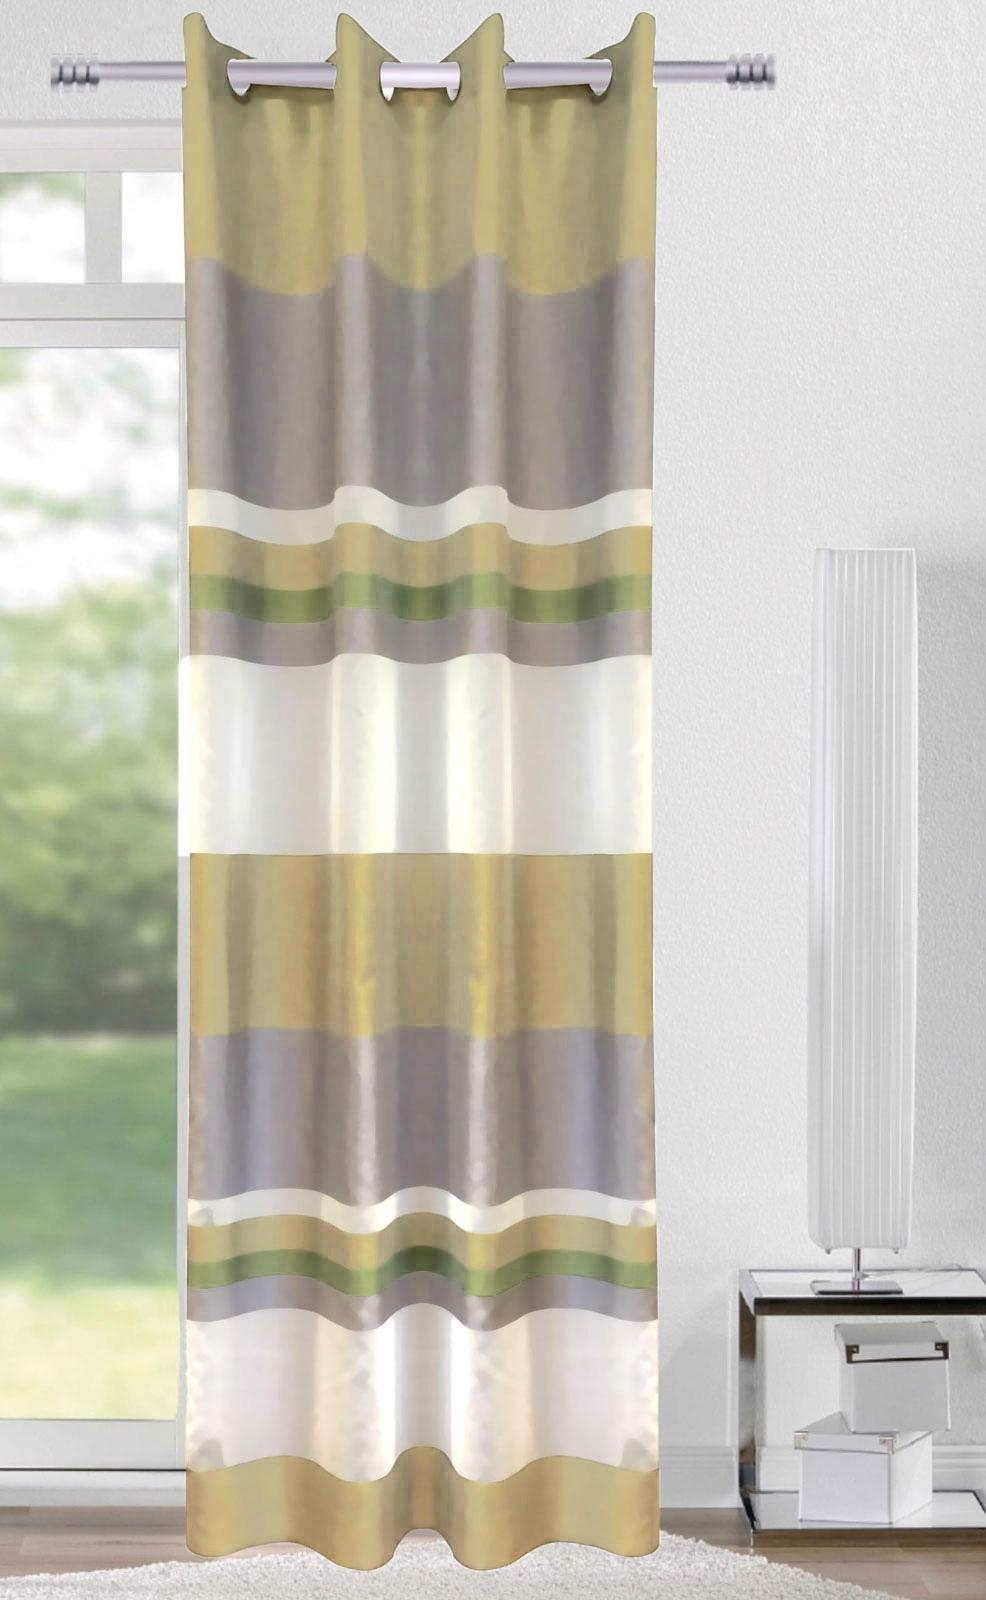 Gardinen und Vorhänge - Ösenschal Vorhang Gardine 140x245 Stripes grün oliv grau 400585  - Onlineshop PremiumShop321